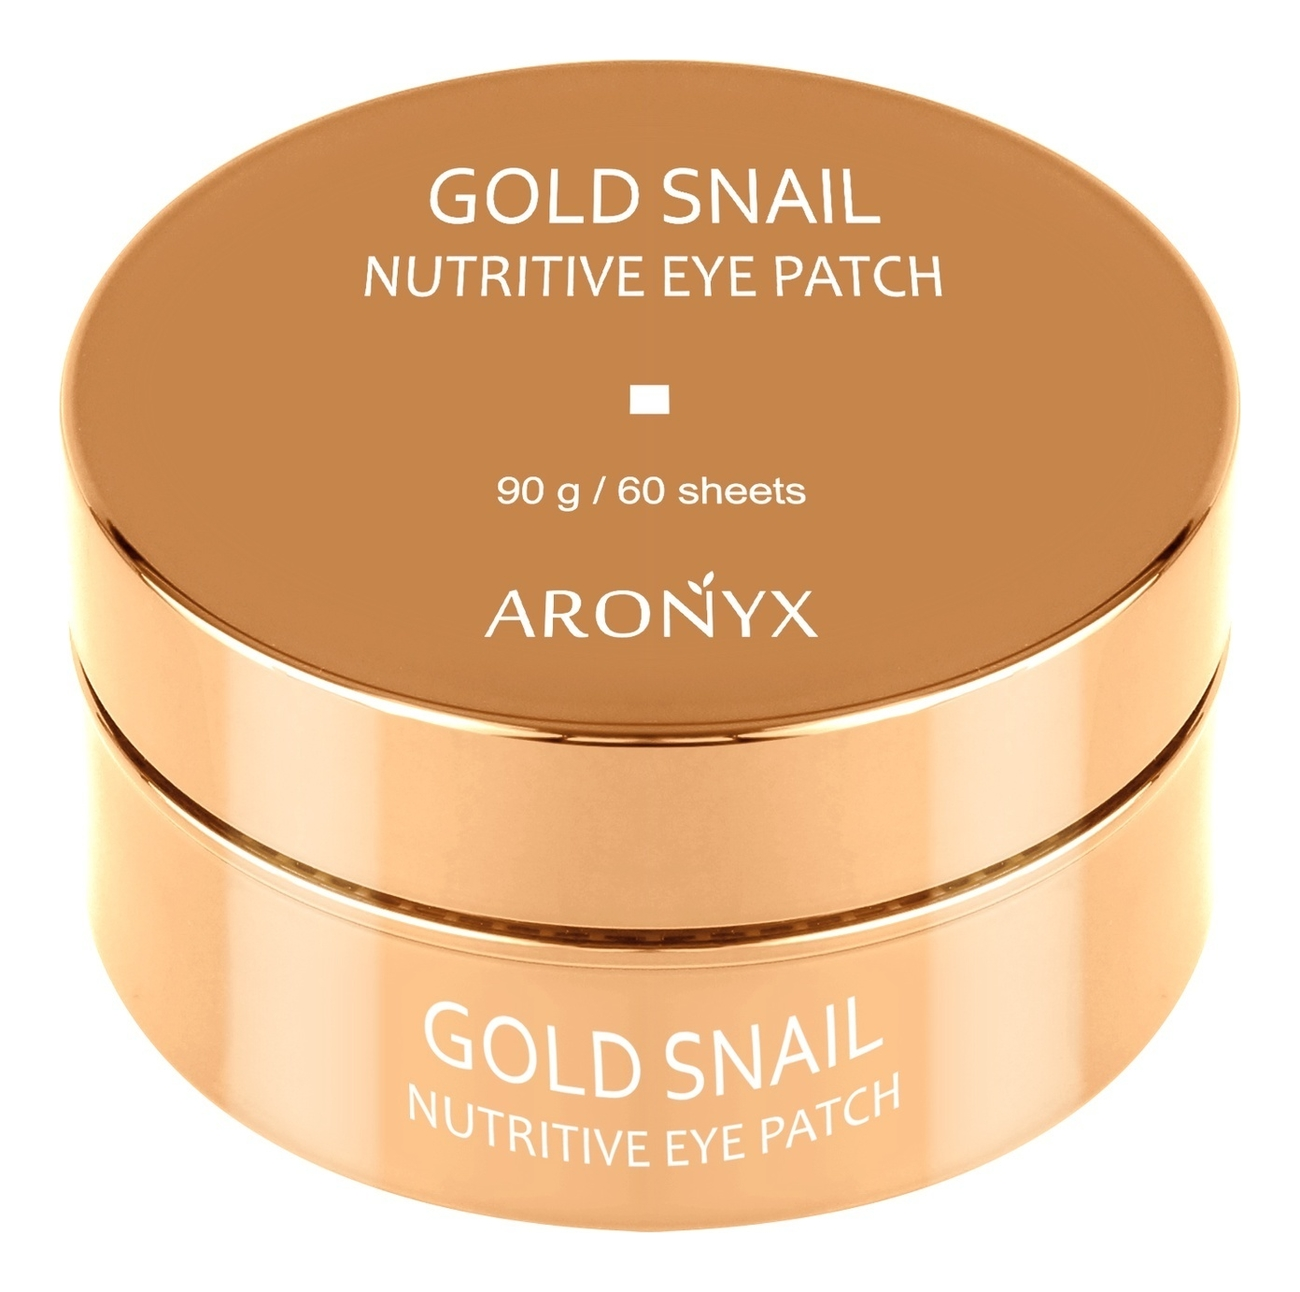 Гидрогелевые патчи для кожи вокруг глаз с муцином улитки и золотом Aronyx Gold Snail Nutritive Eye Patch 60шт